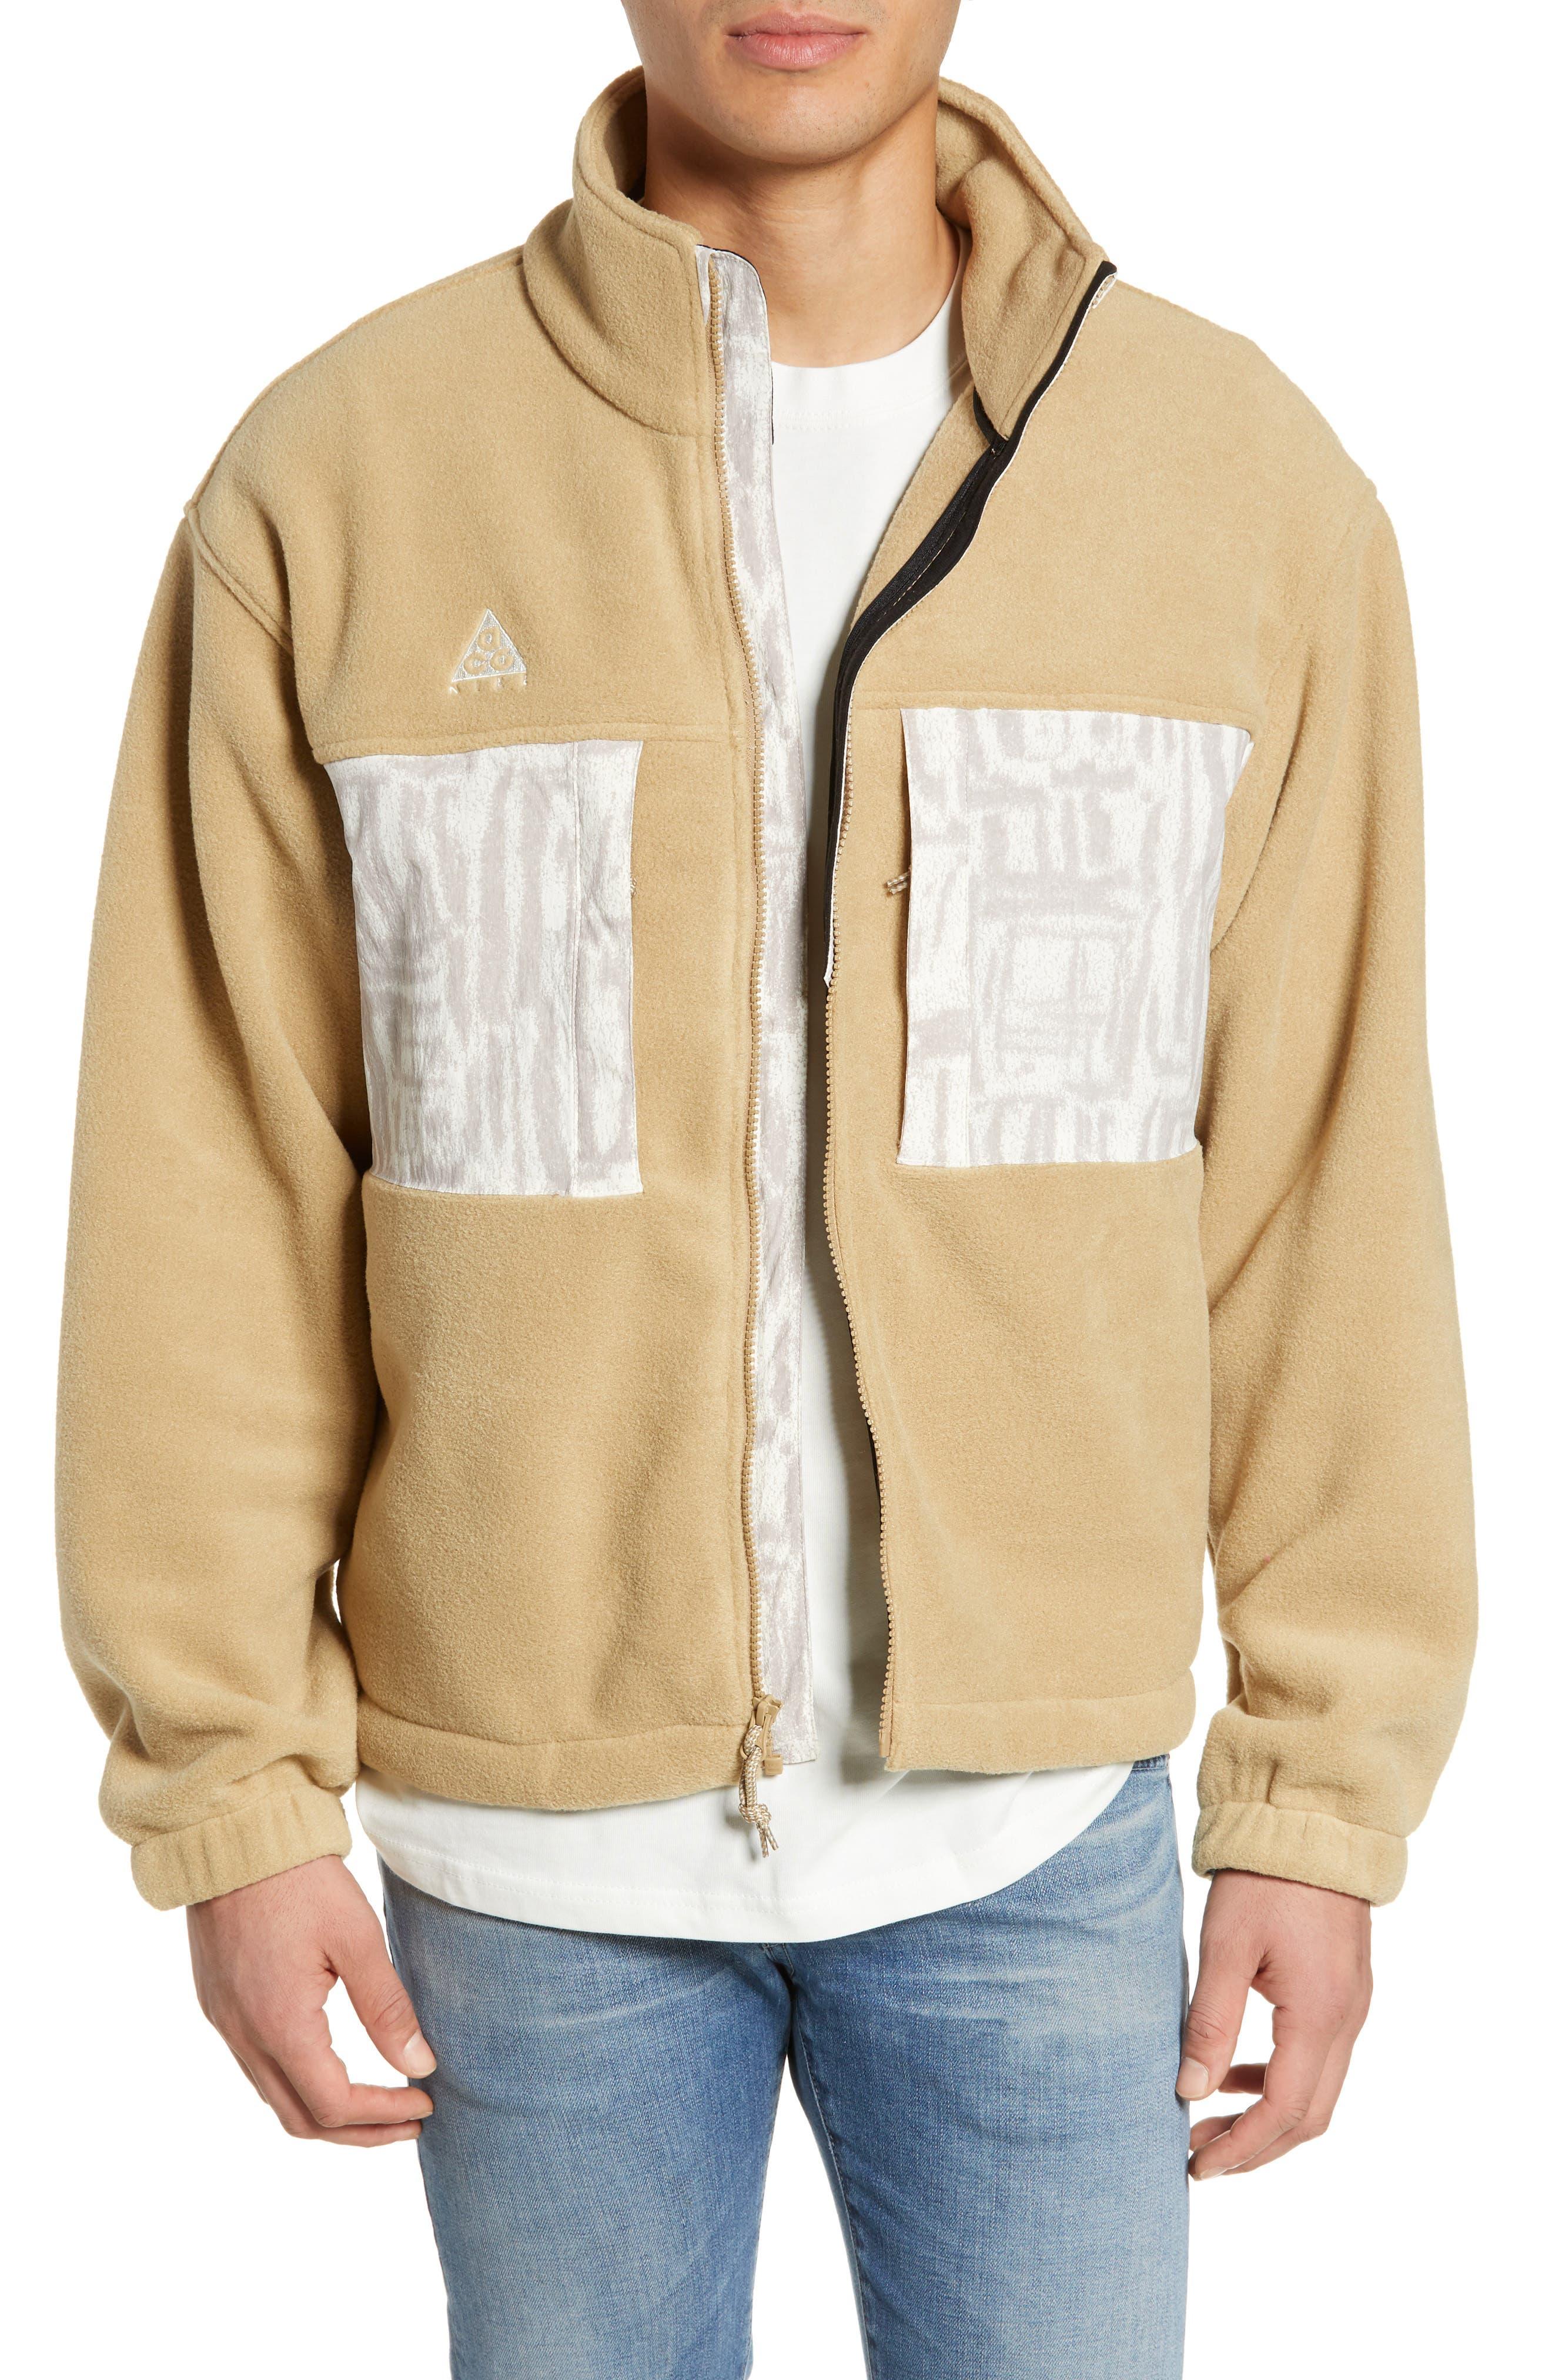 Nike Acg Fleece Jacket, Brown